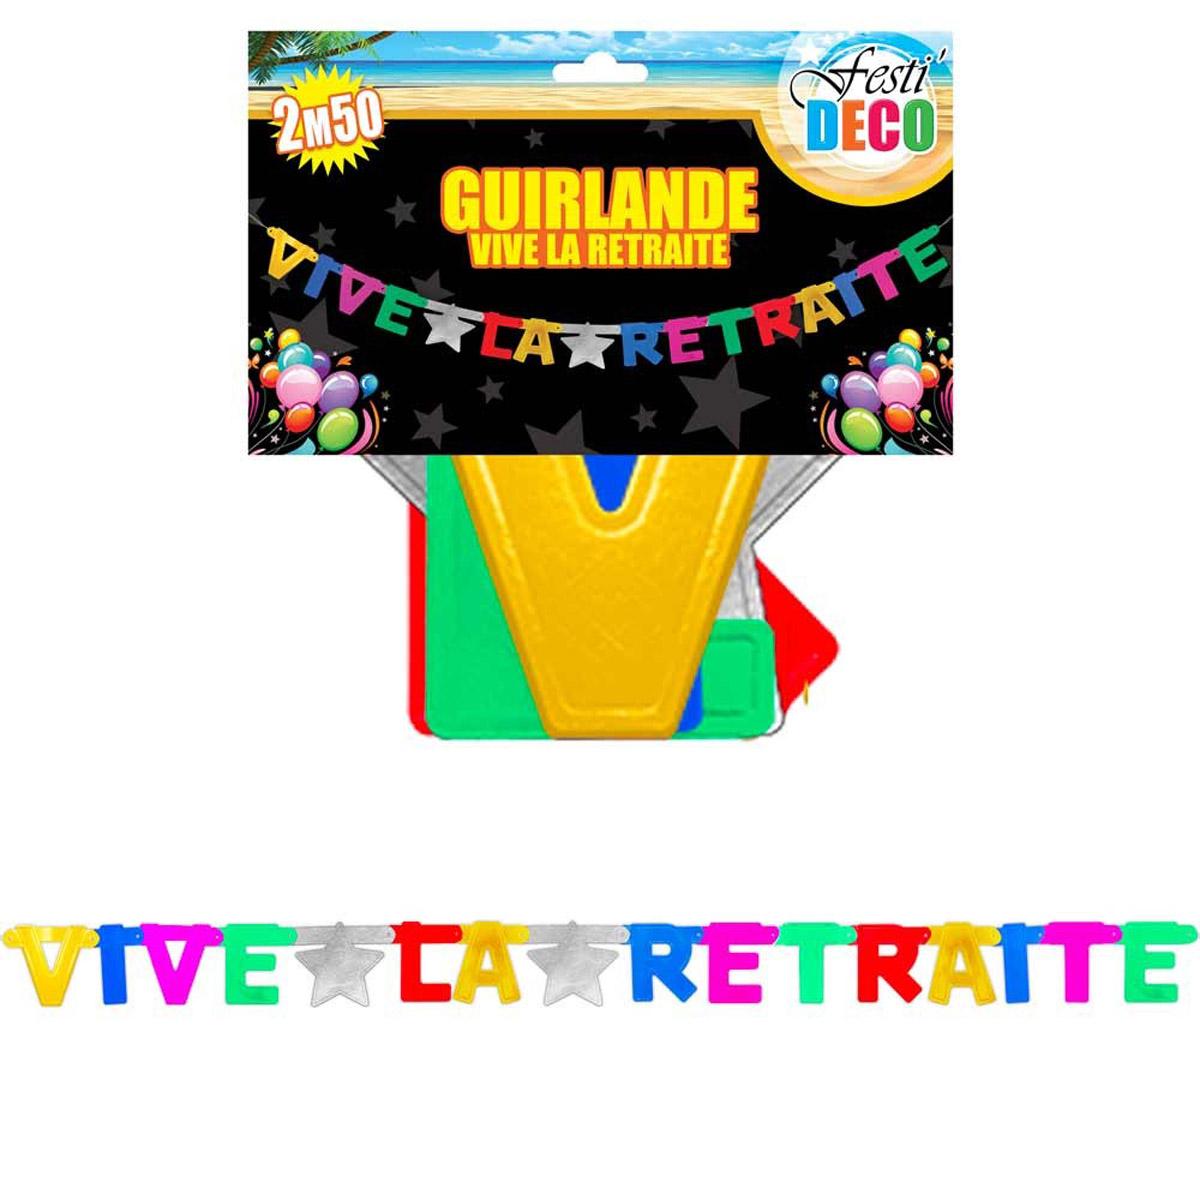 Banderole \'Vive la Retraite\' tutti frutti - 25 m - [Q5137]